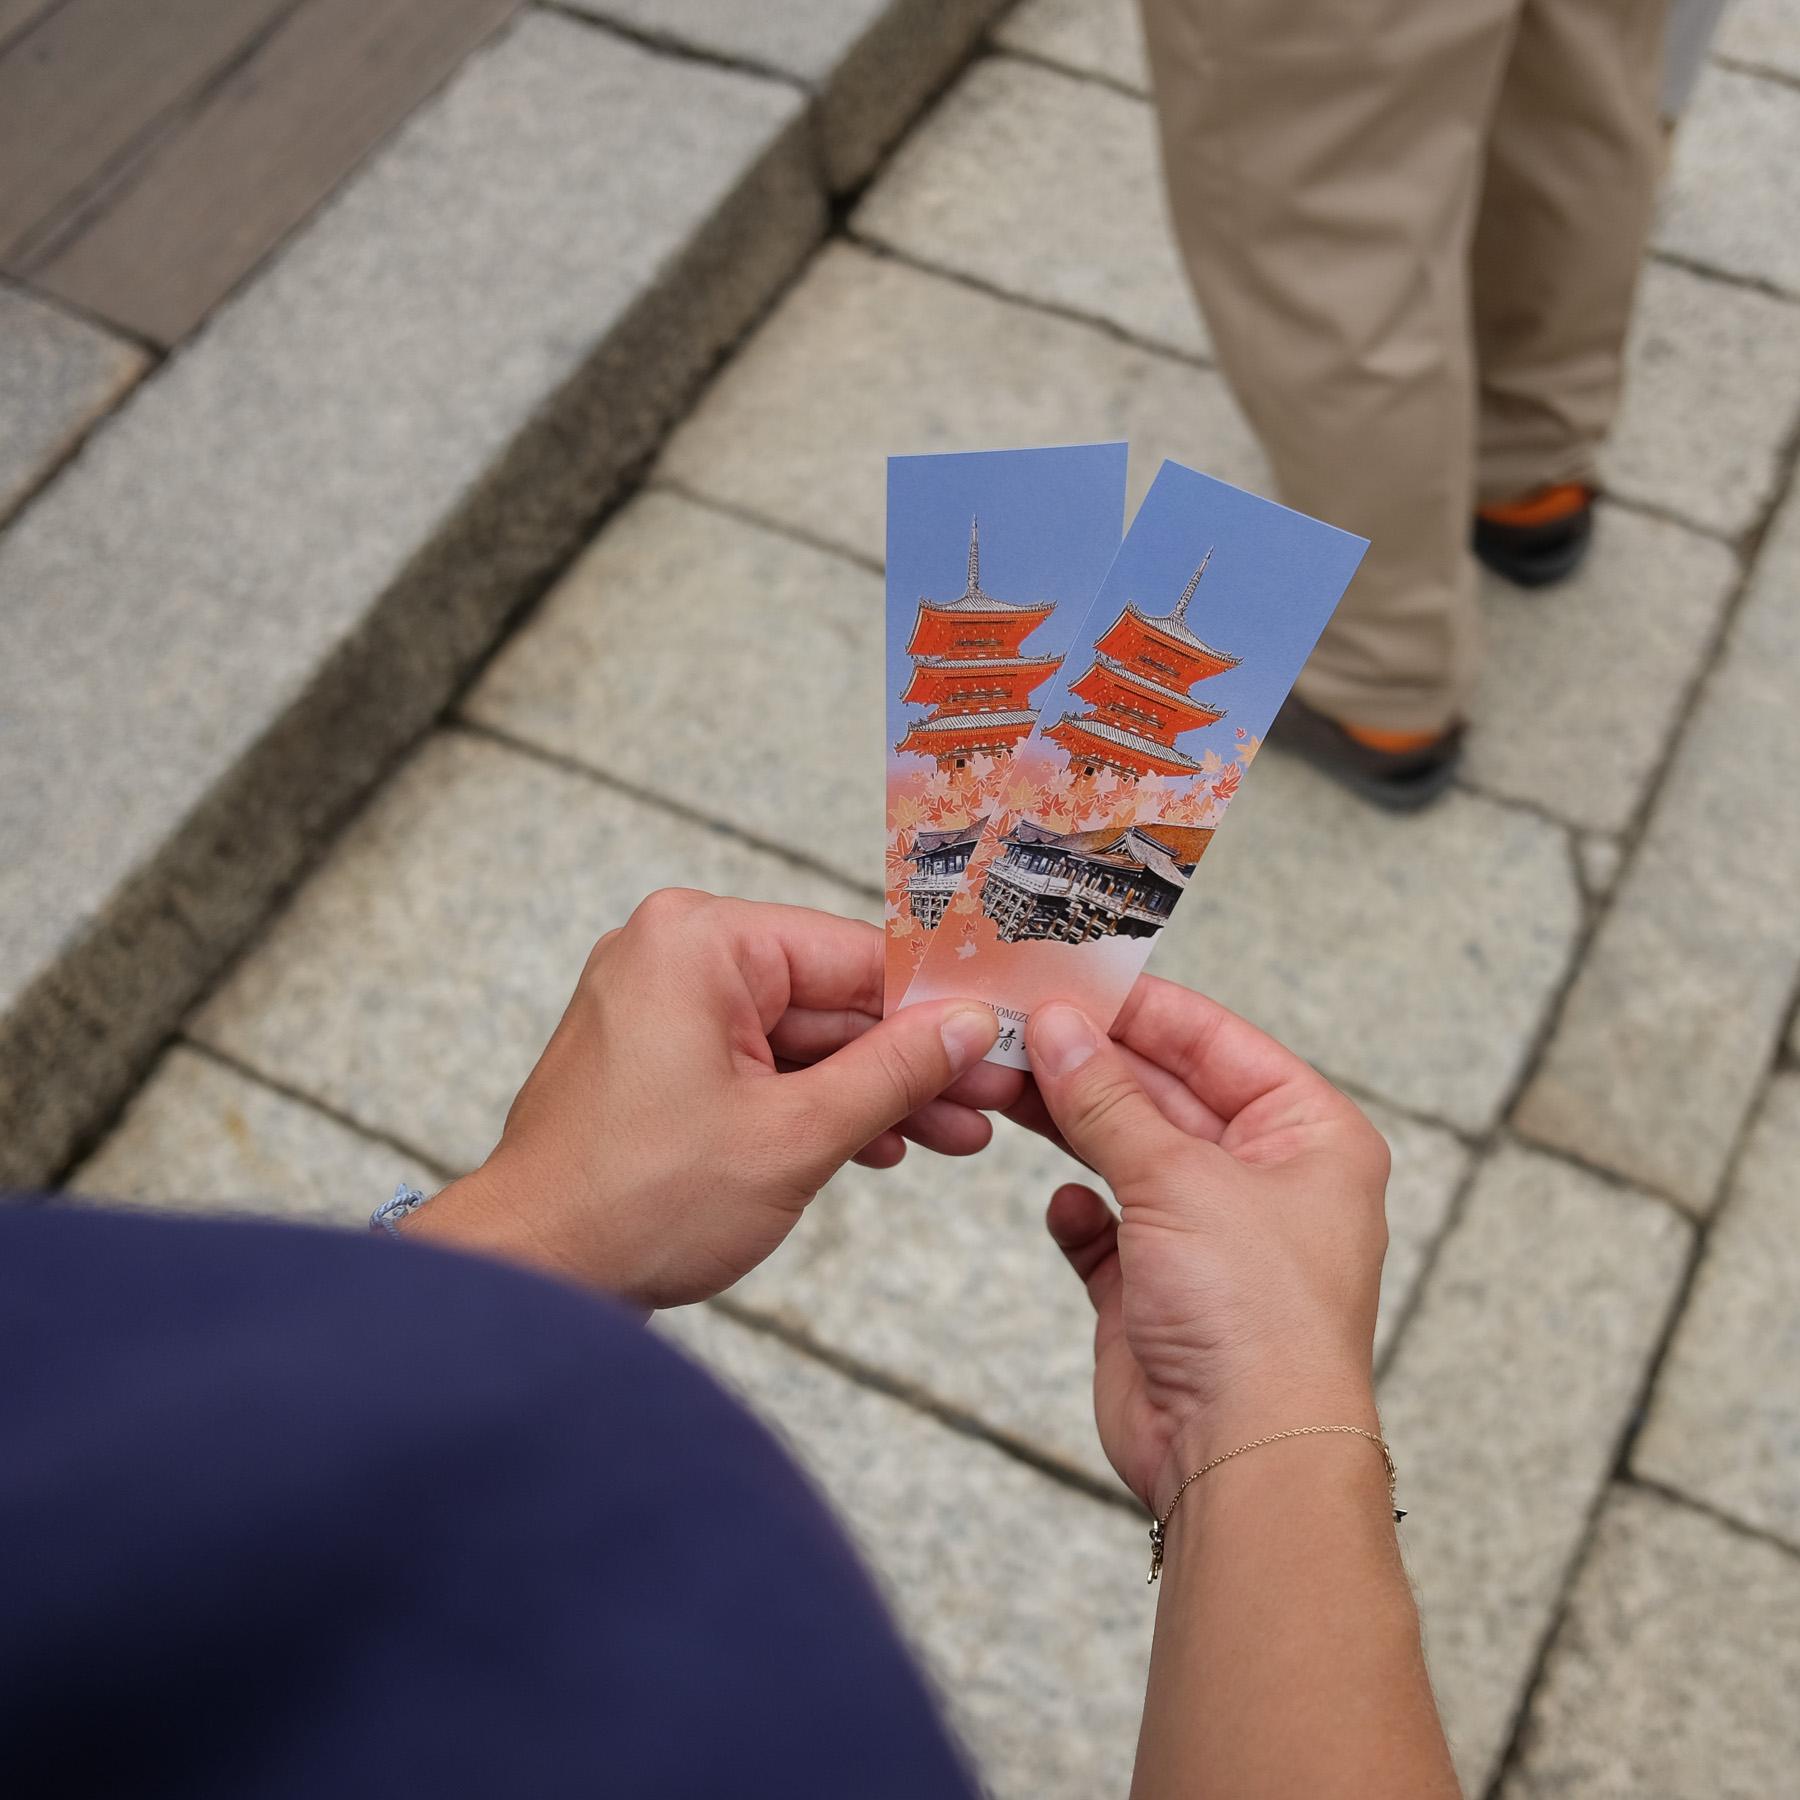 Eintritt zum Kiyomizu-dera Tempel